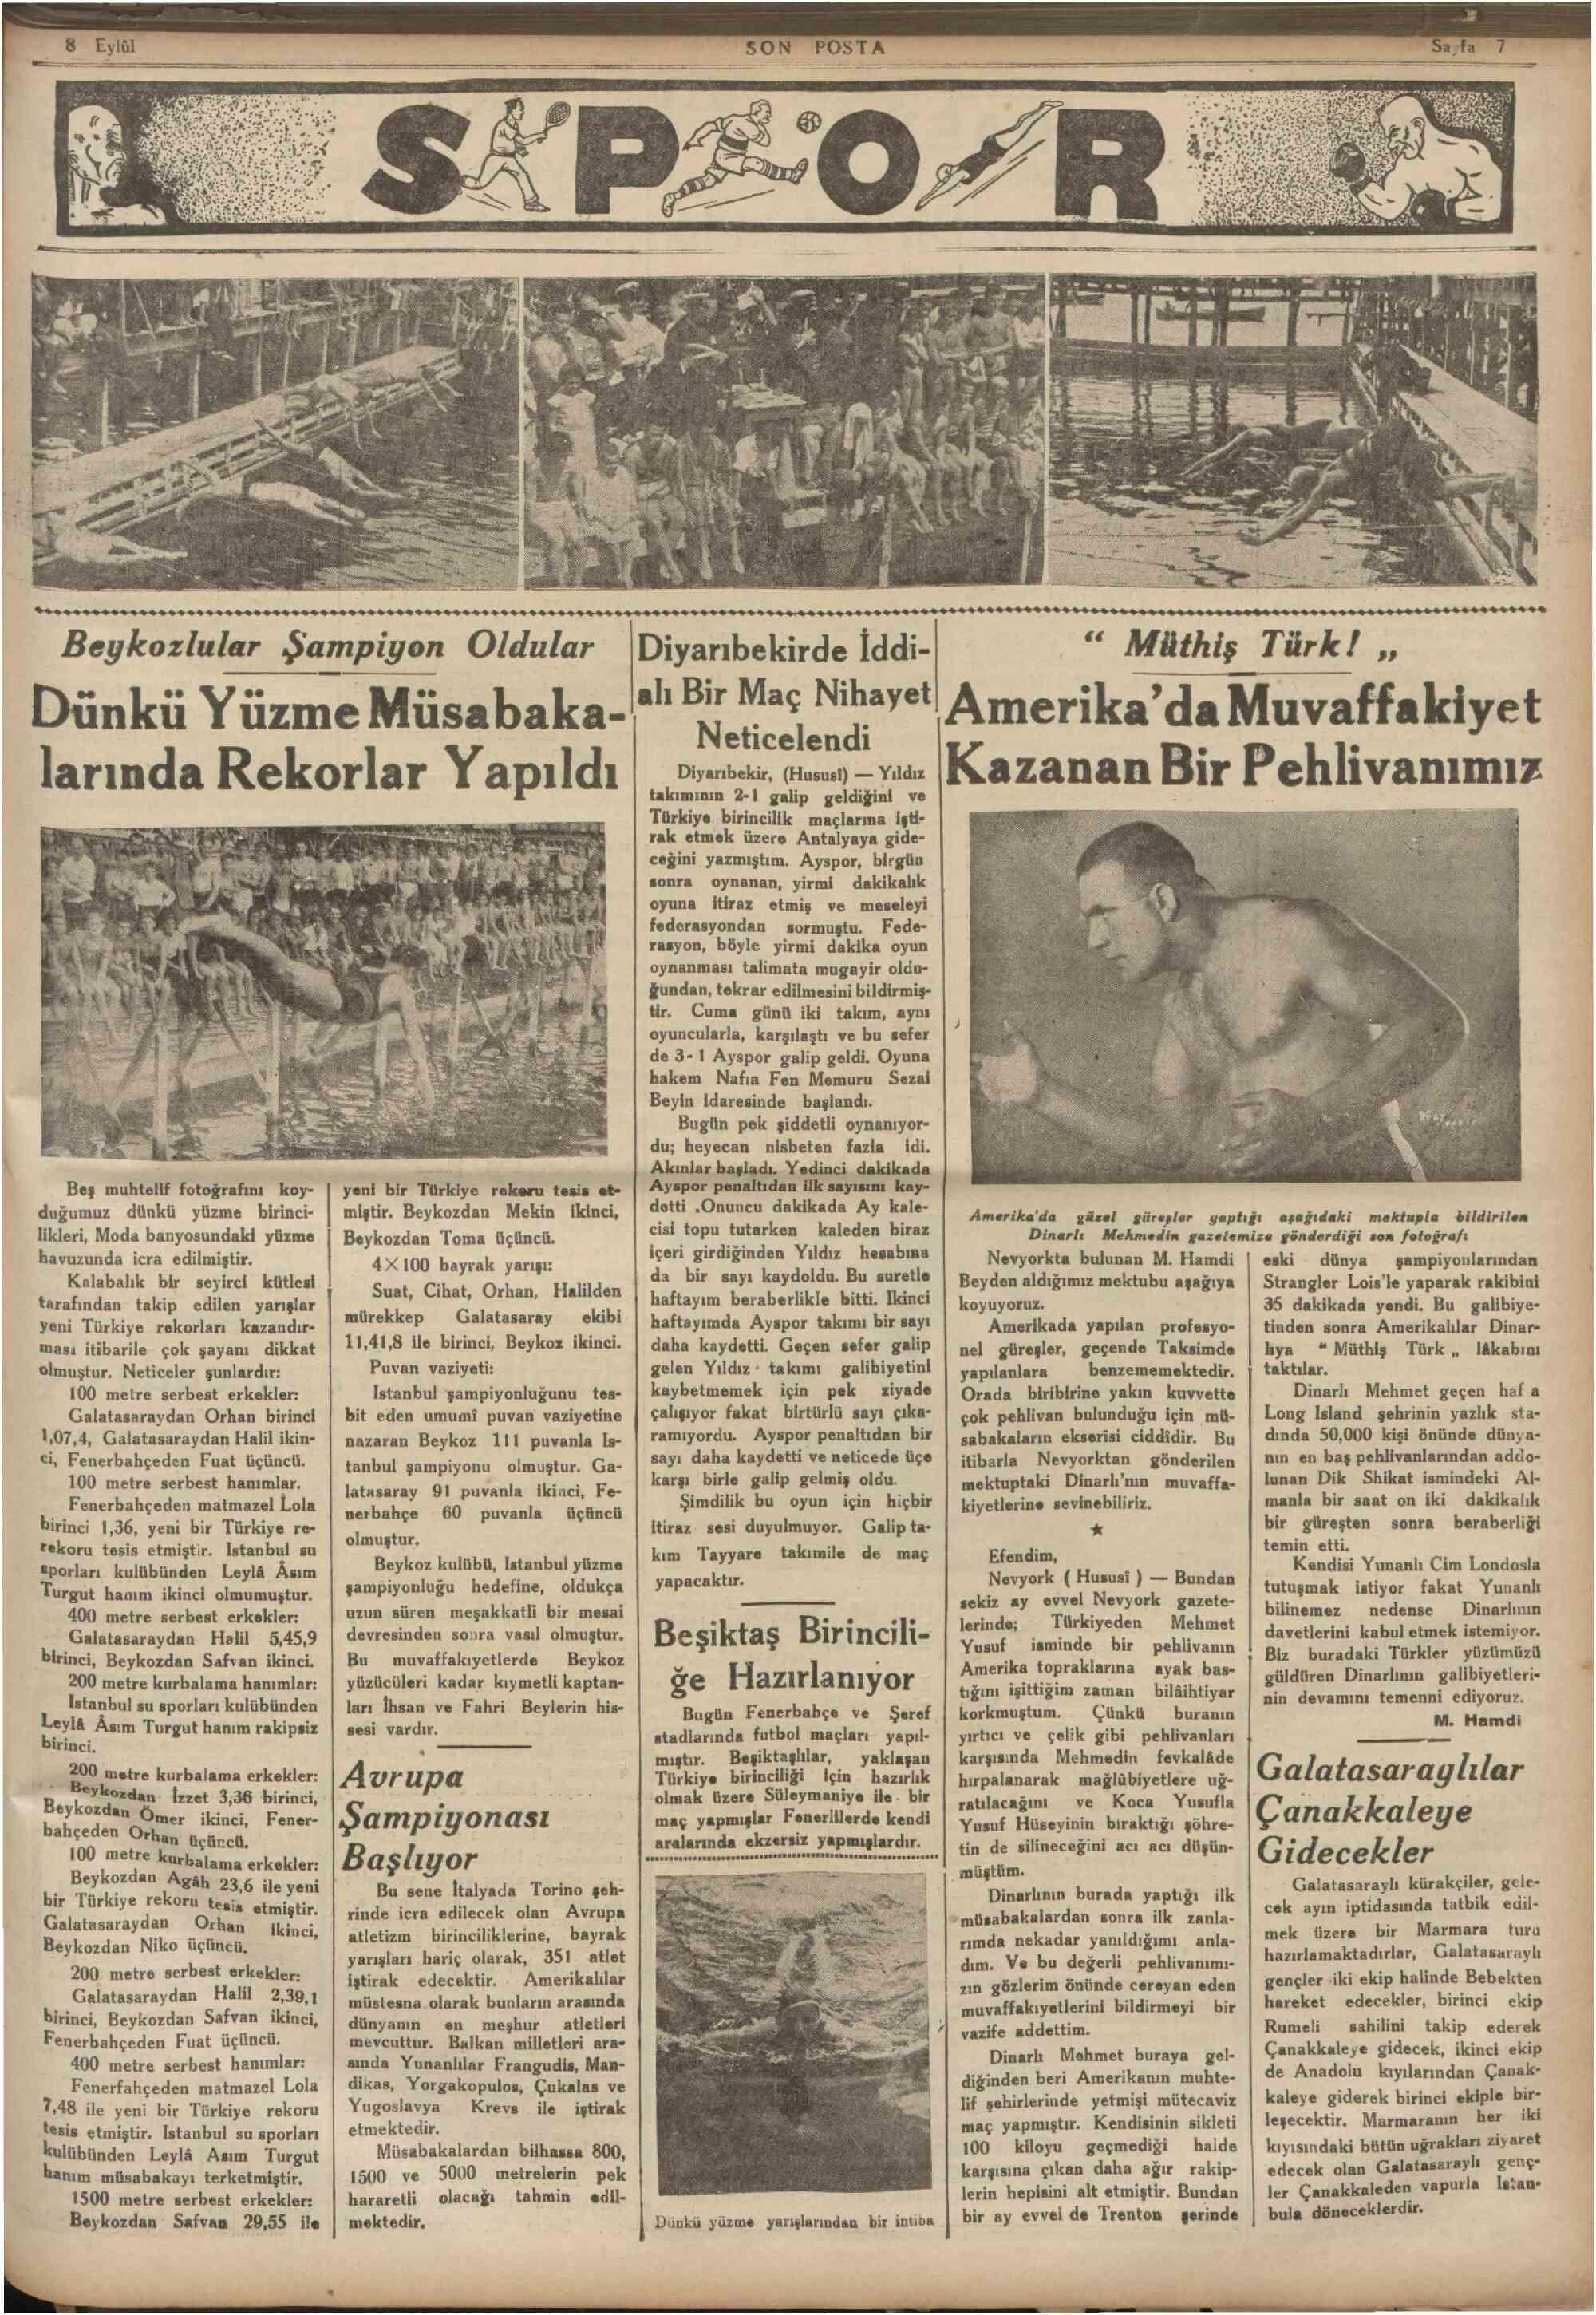 8 Eylül 1934 Tarihli Son Posta Gazetesi Sayfa 7